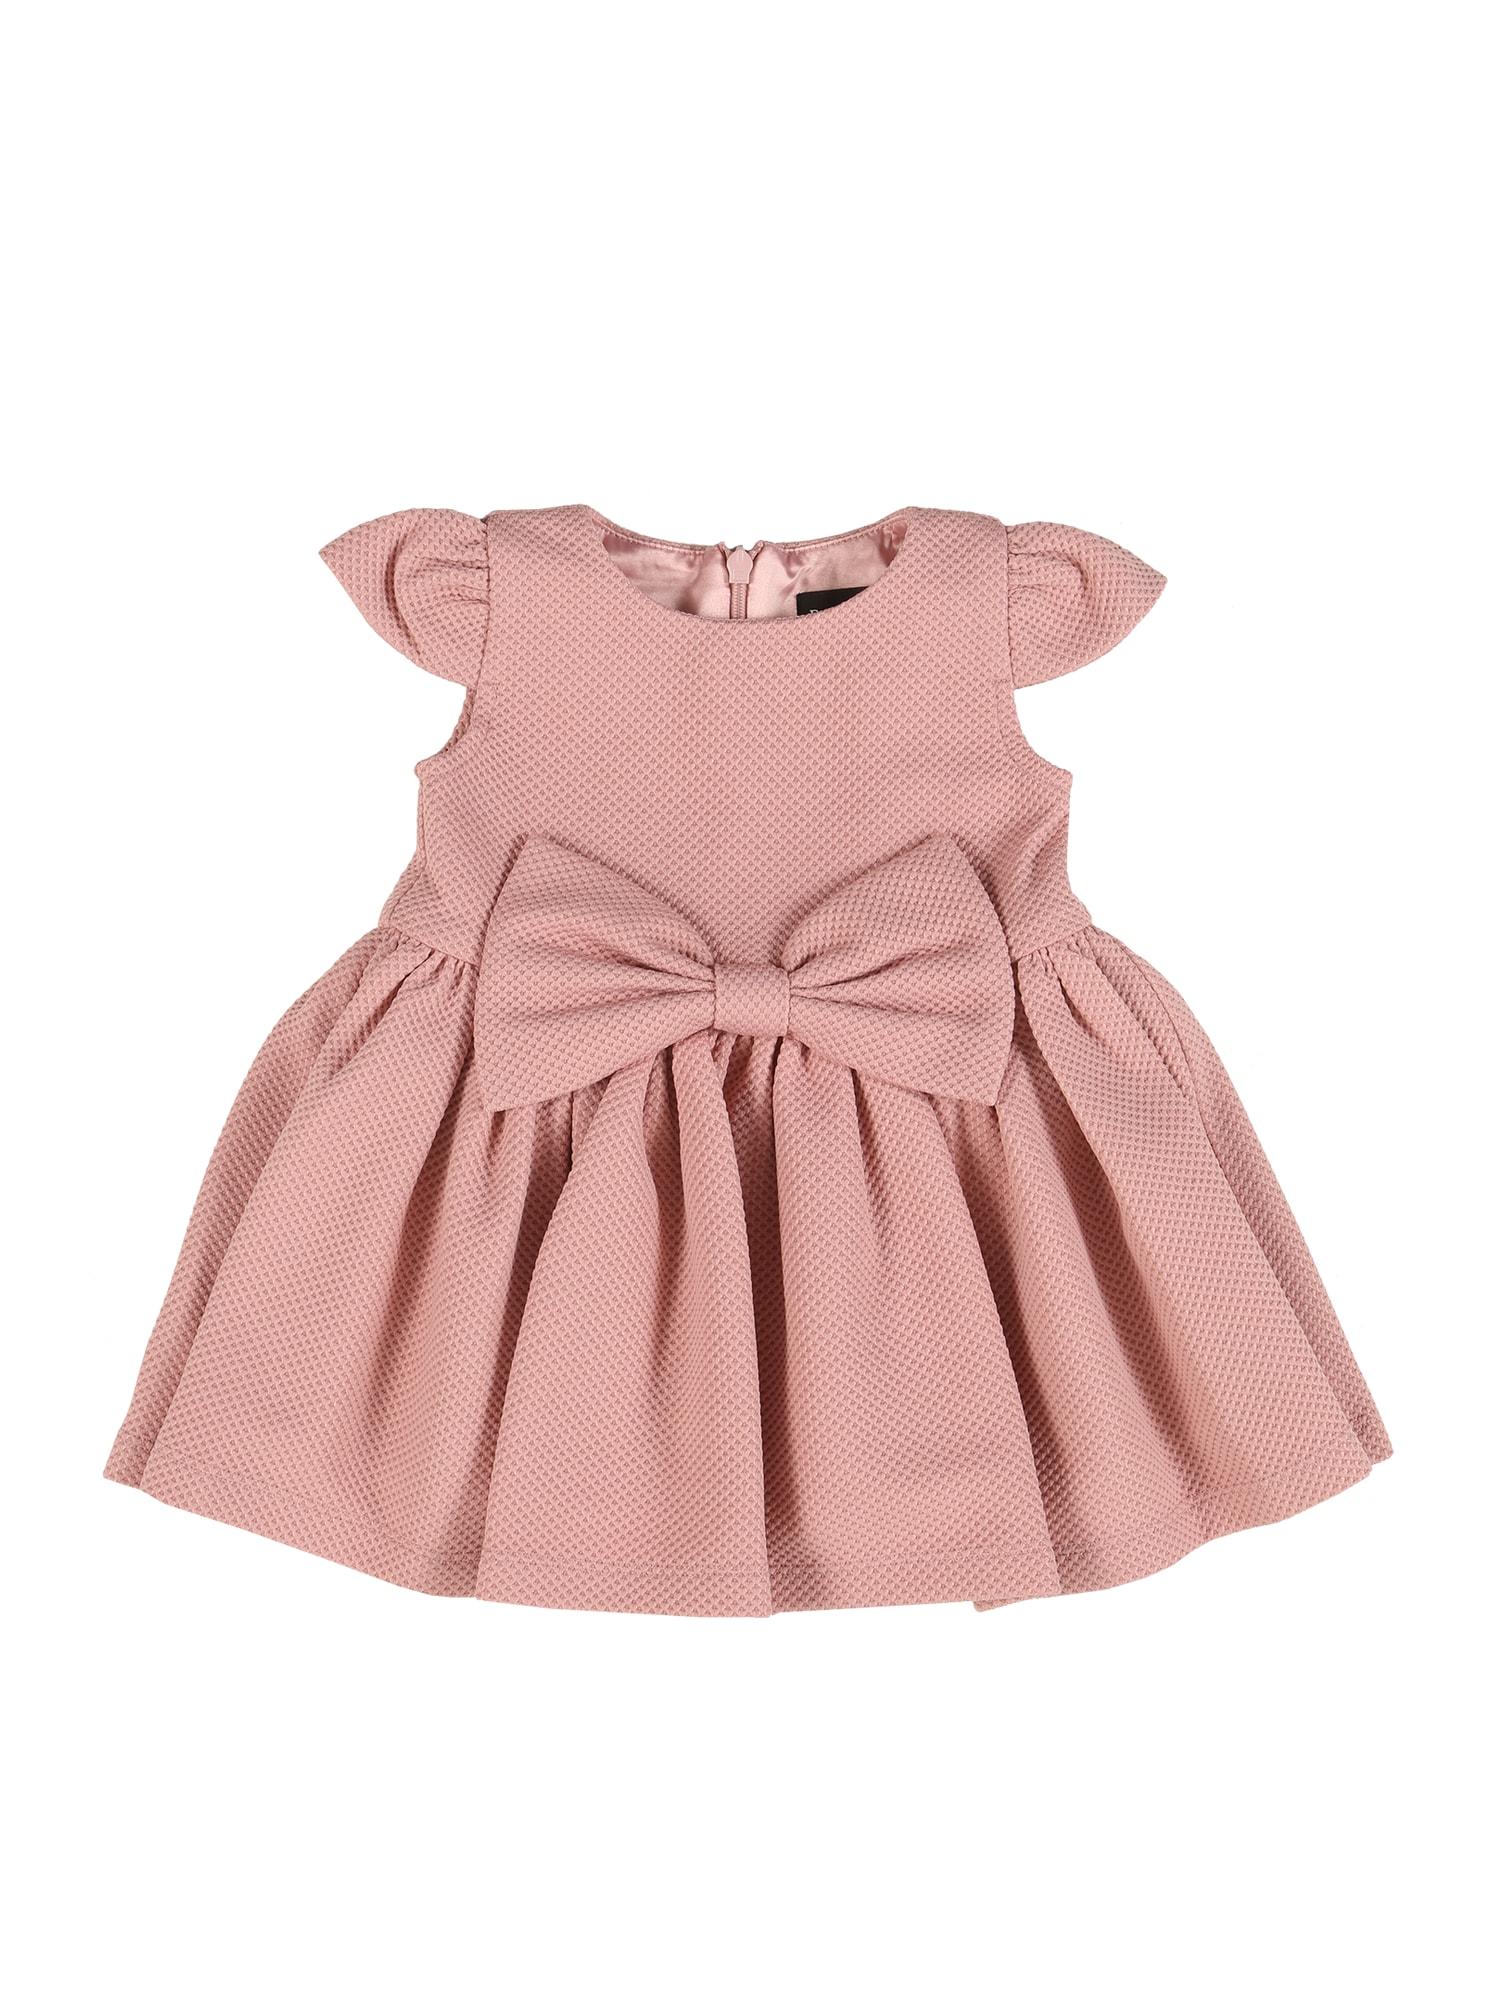 Bardot Junior Suknelė 'POLLY' rožinė